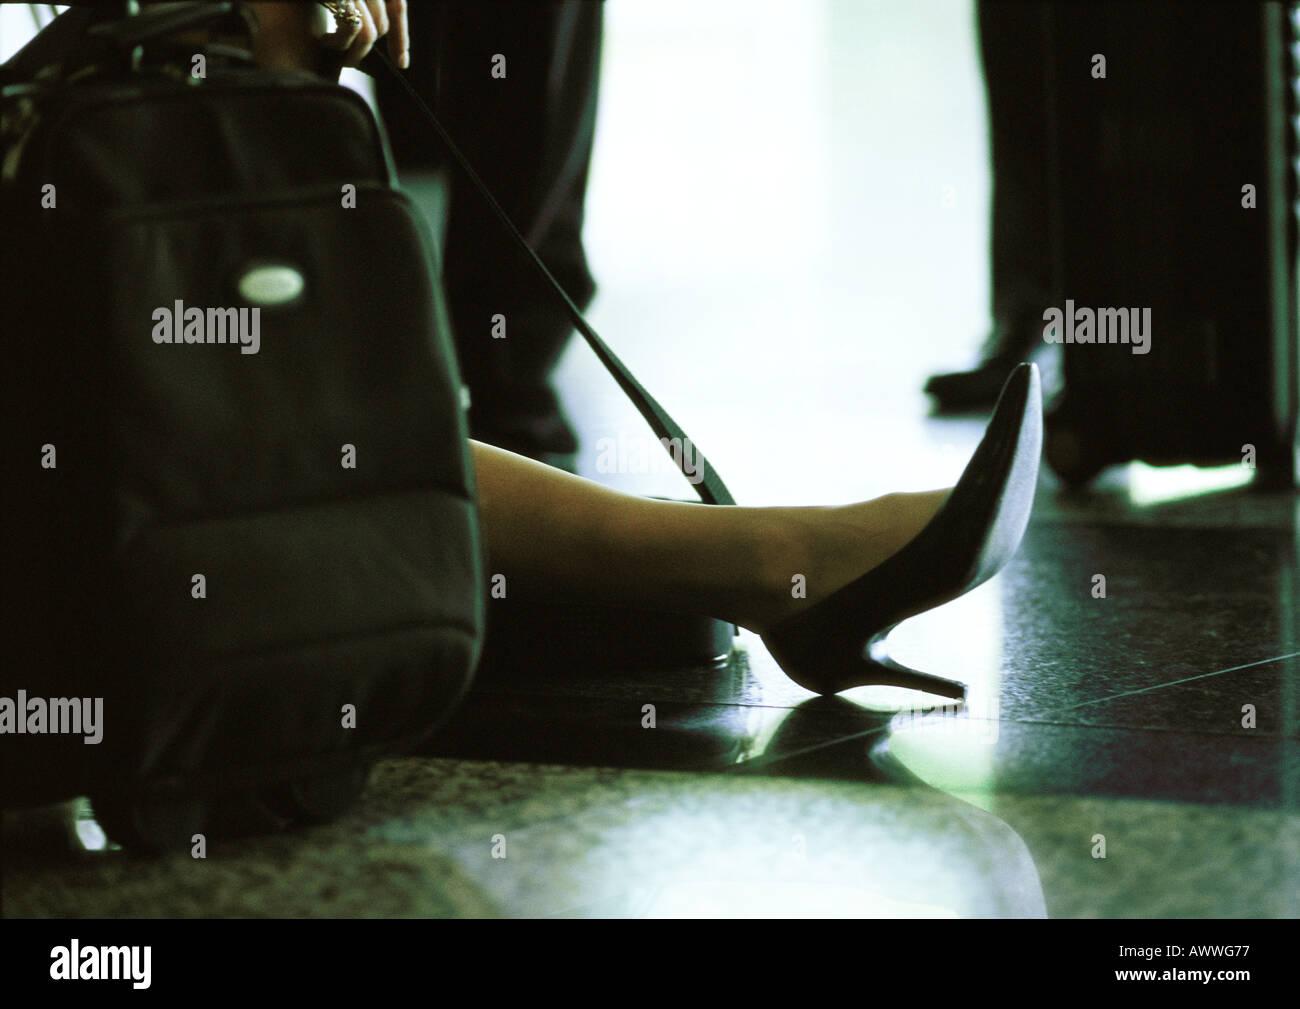 Woman's foot et valise sur le plancher. Photo Stock